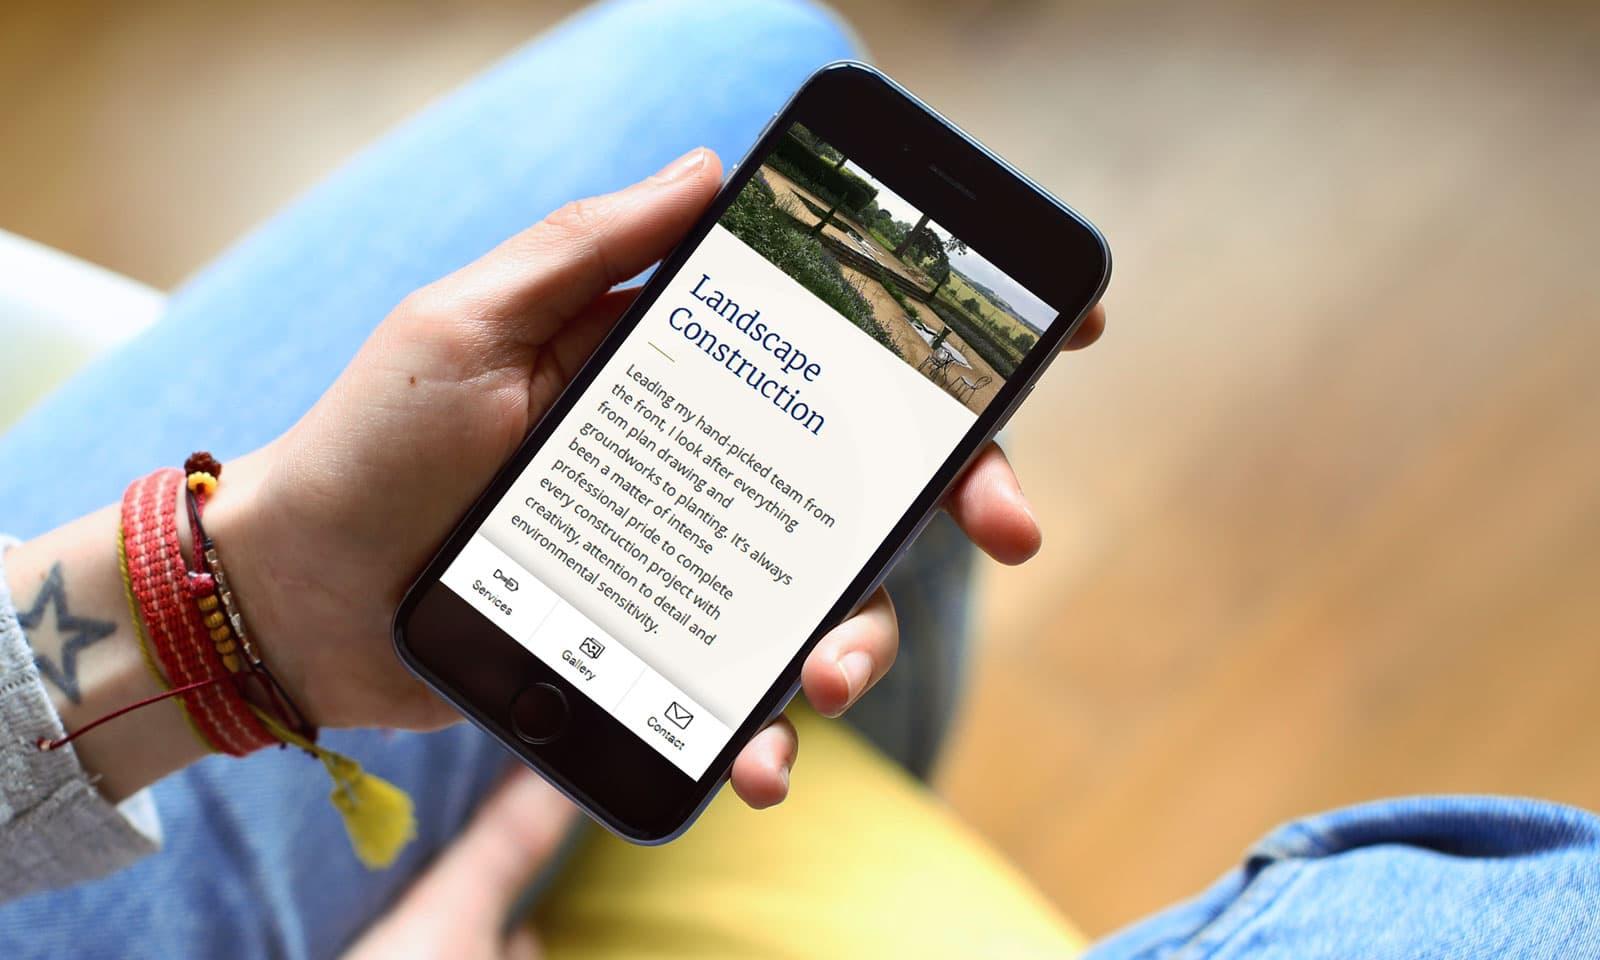 william-curtis-website-mobile-2